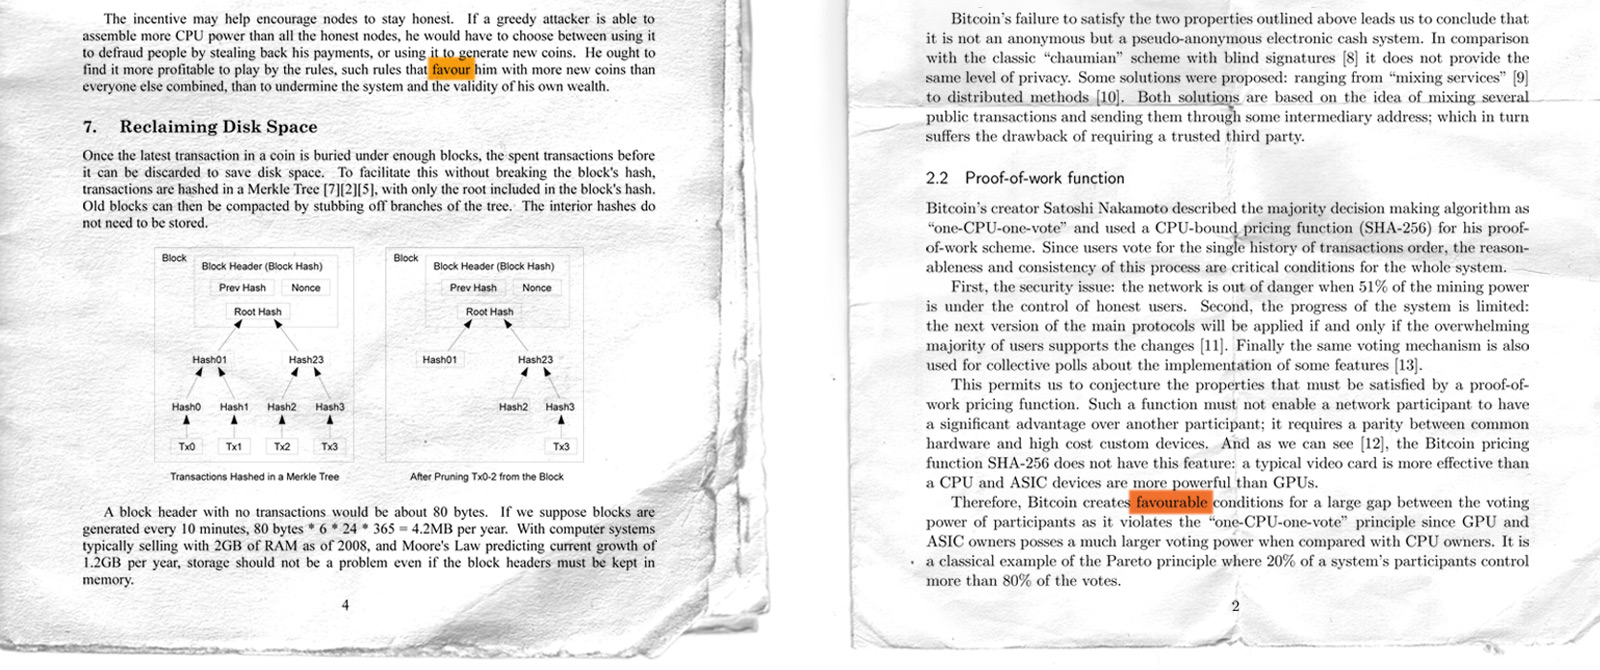 Nakamoto's whitepaper vs Monero whitepaper